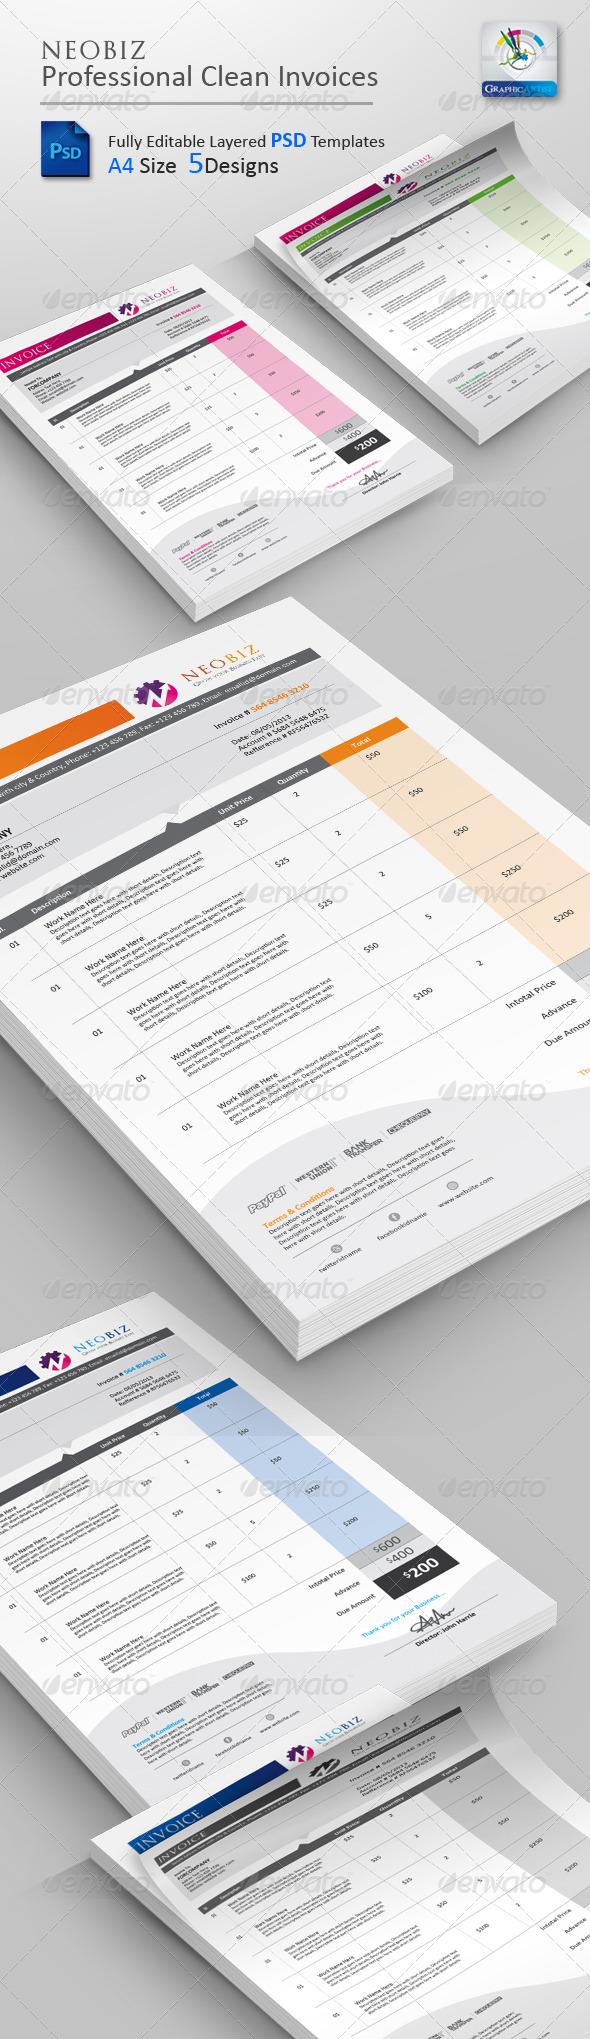 GraphicRiver NeoBiz Clean Invoice PSD Templates 3400217